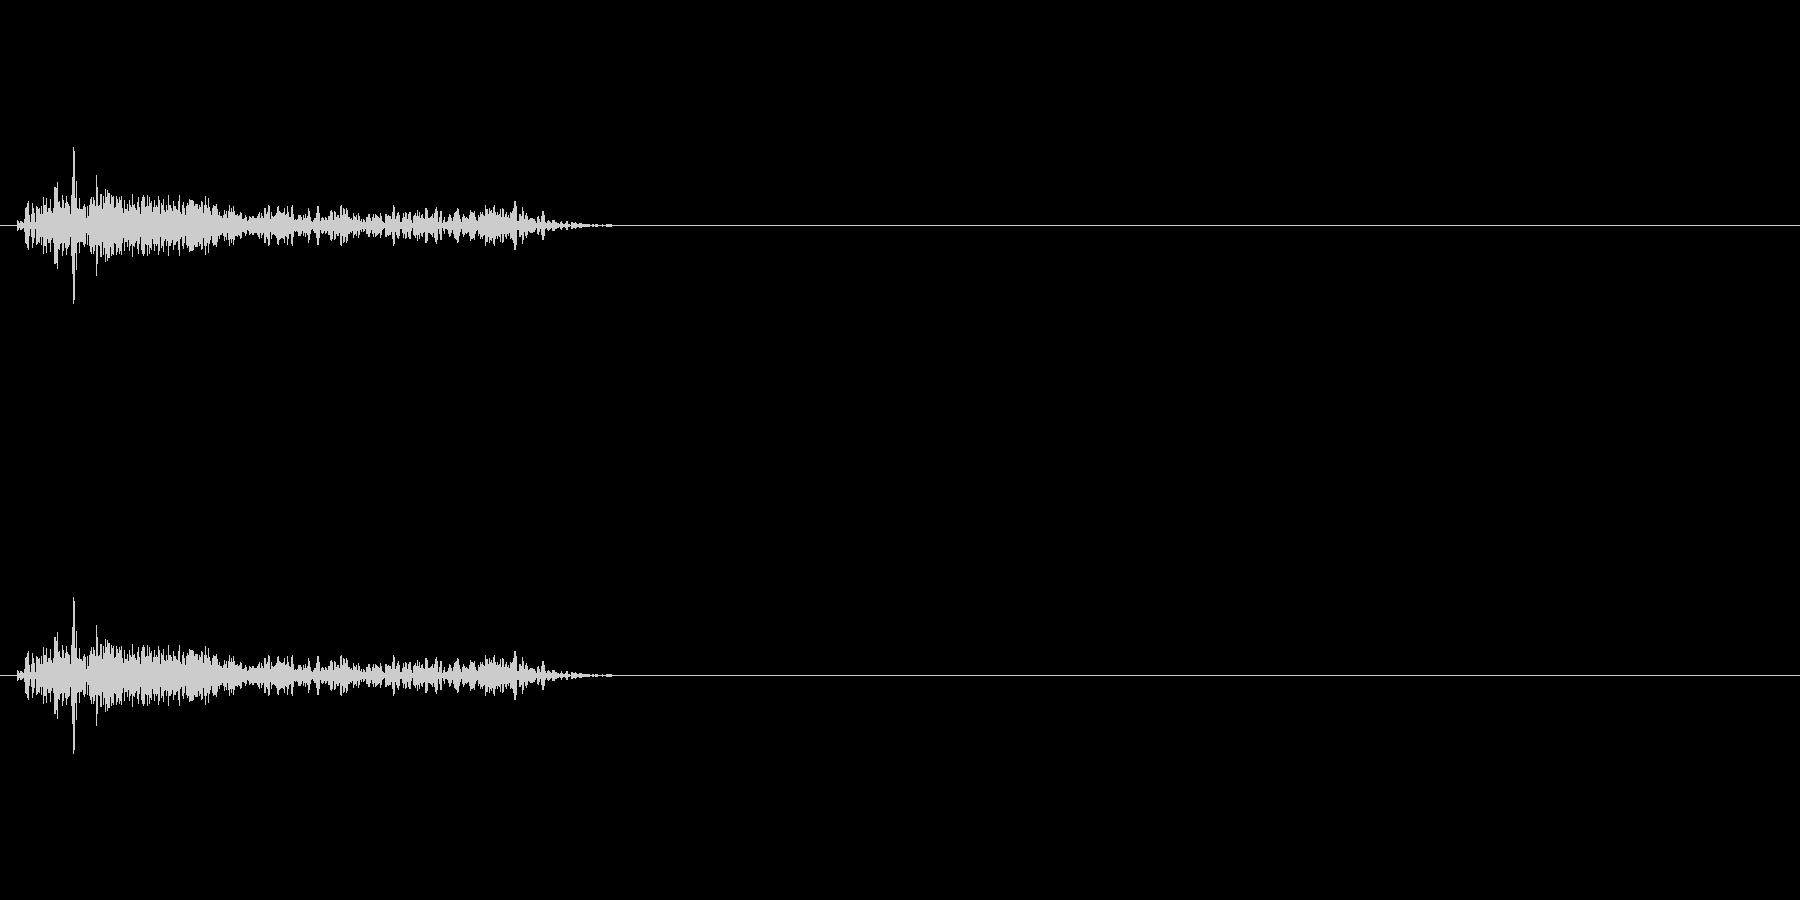 ズドーン!という大砲などの重い打撃音の未再生の波形